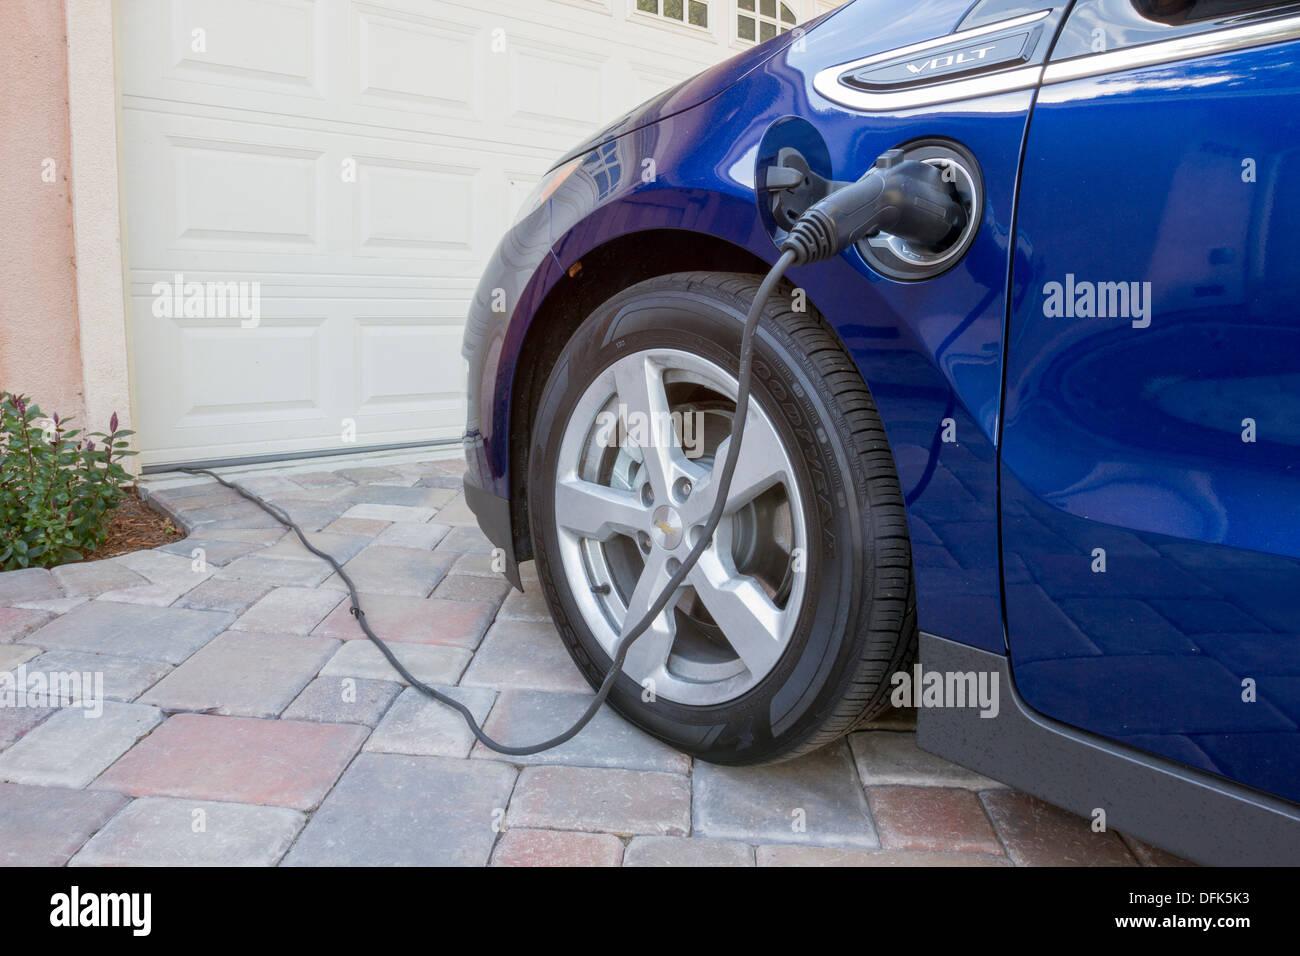 Chevrolet Volt plug-in coche eléctrico con el conector enchufado en la carga, en casa, en un camino de entrada Imagen De Stock